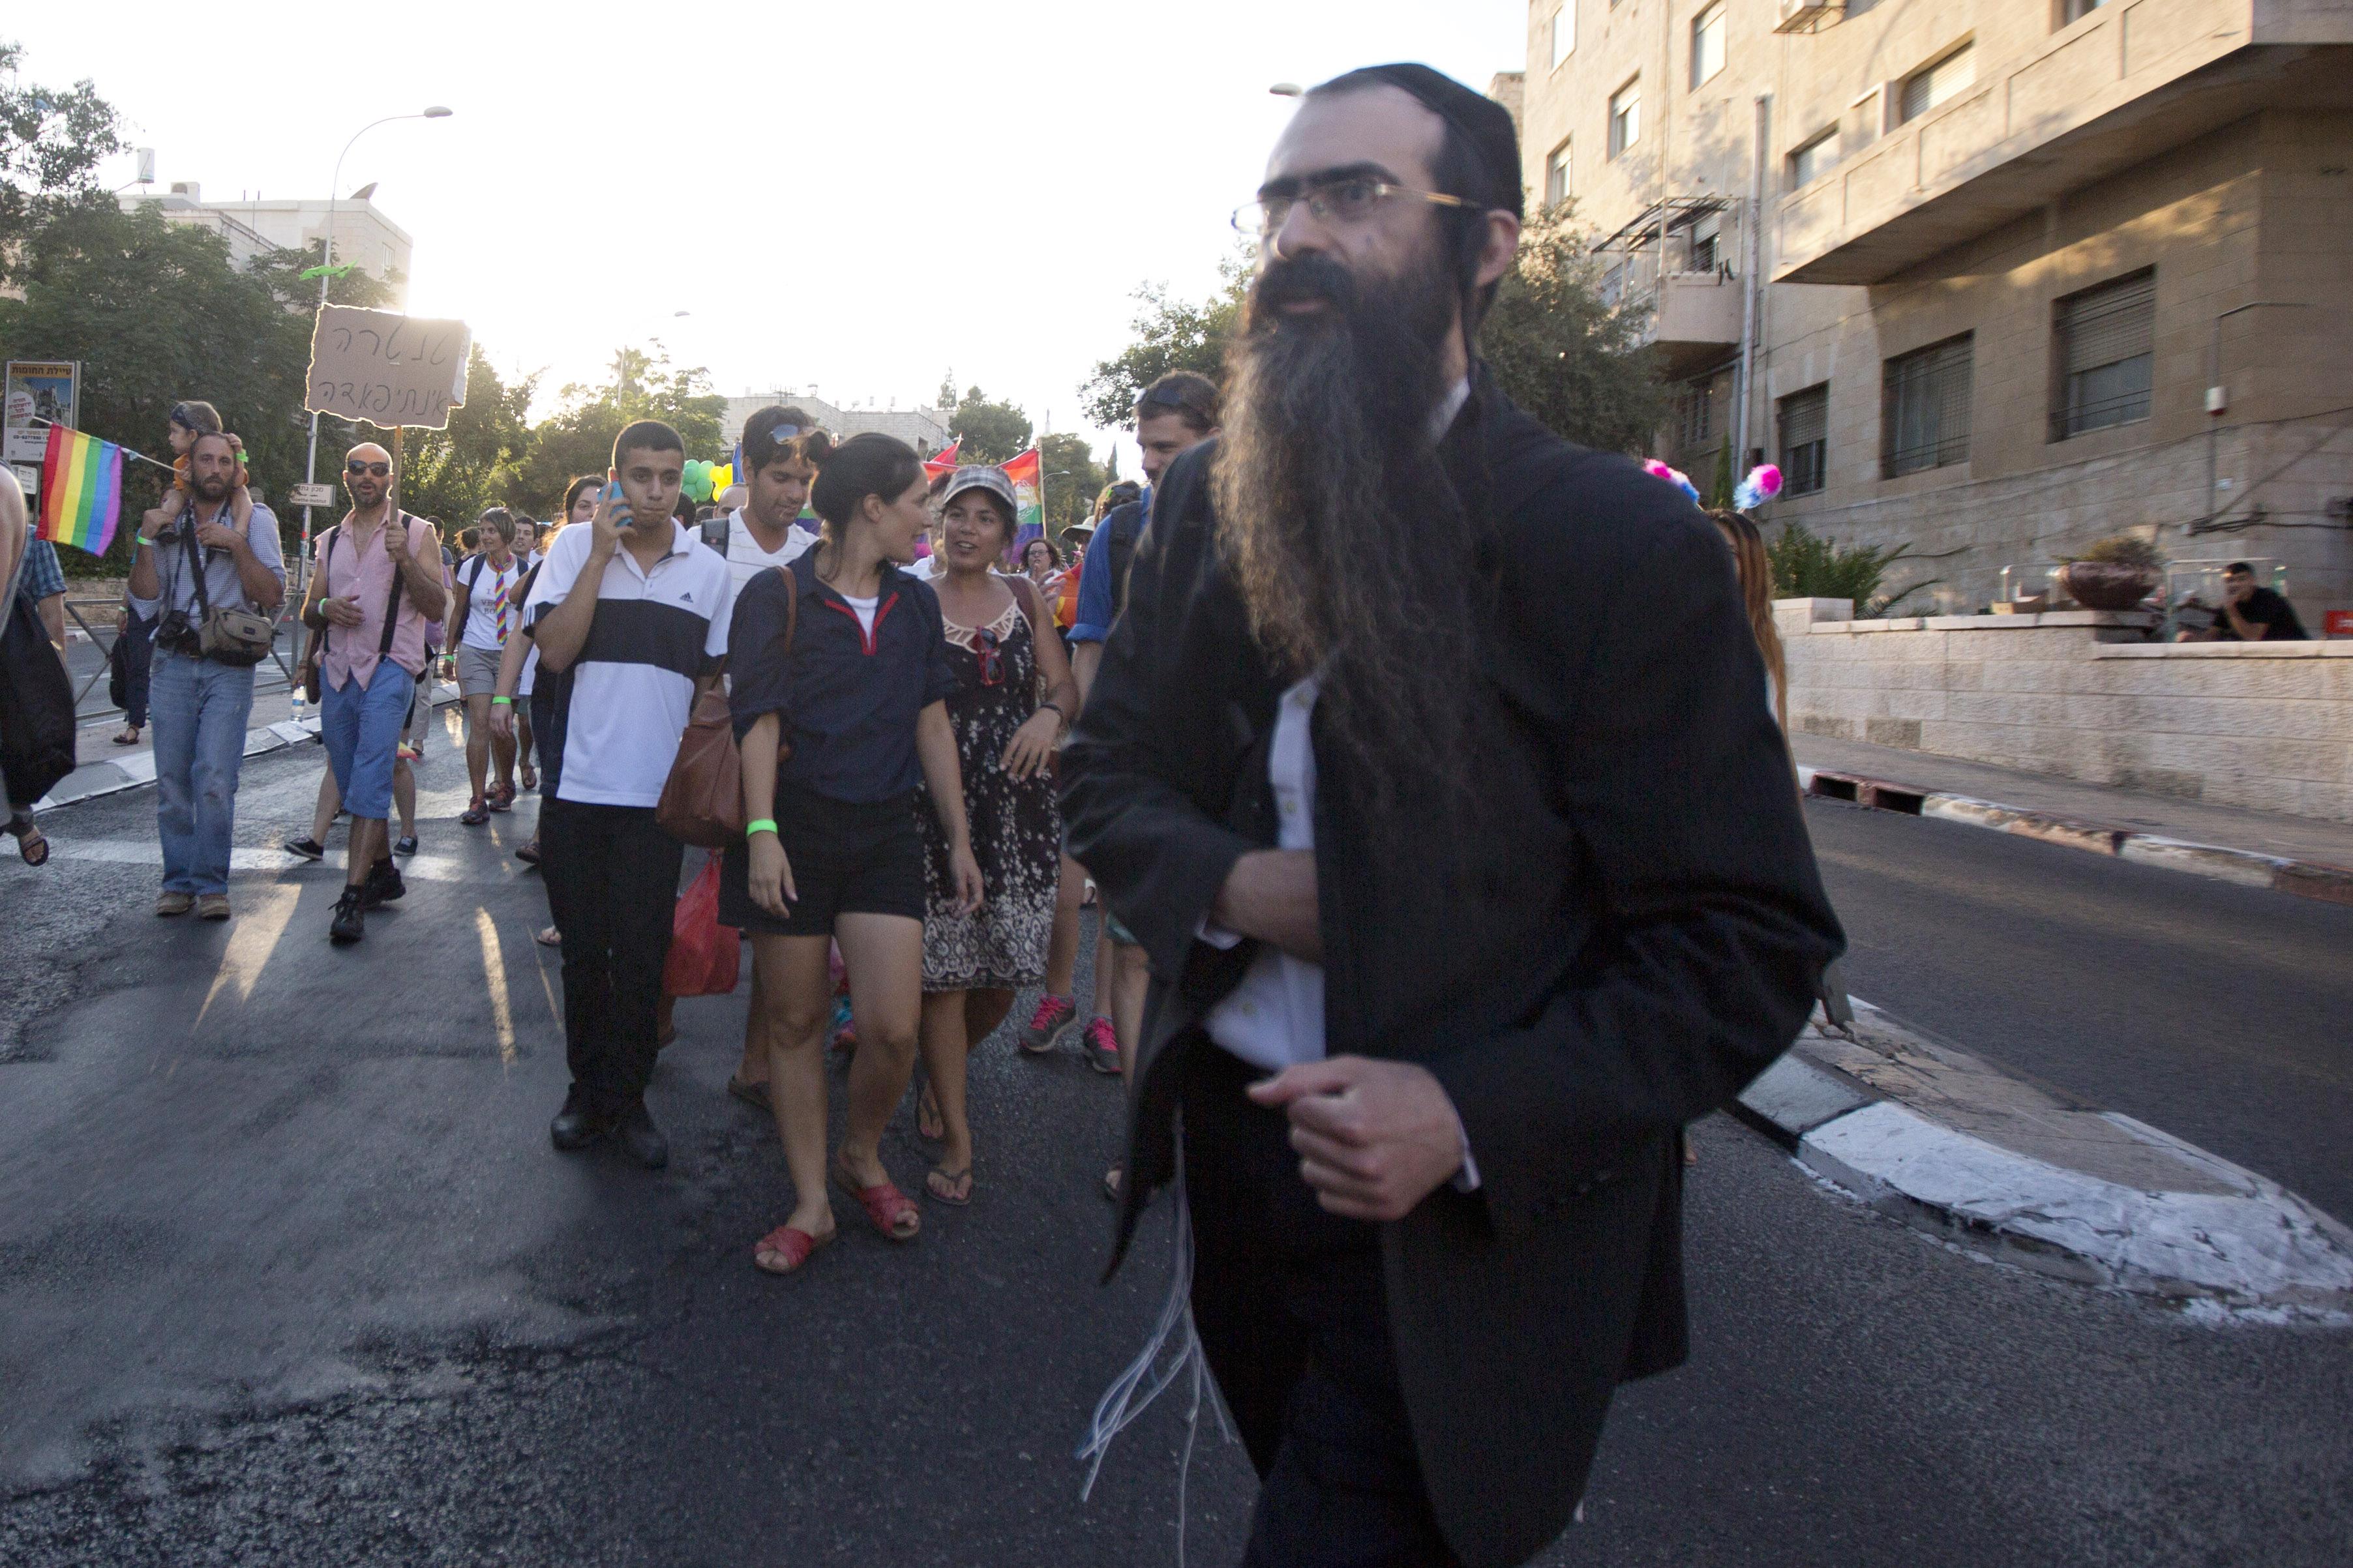 Секс ортодоксальных евреев 6 фотография